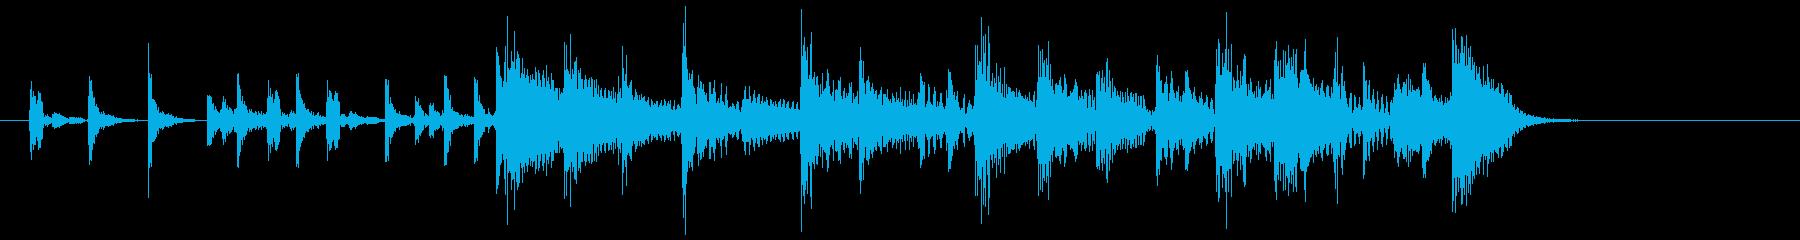 (7秒)エレキとピアノのポップなジングルの再生済みの波形